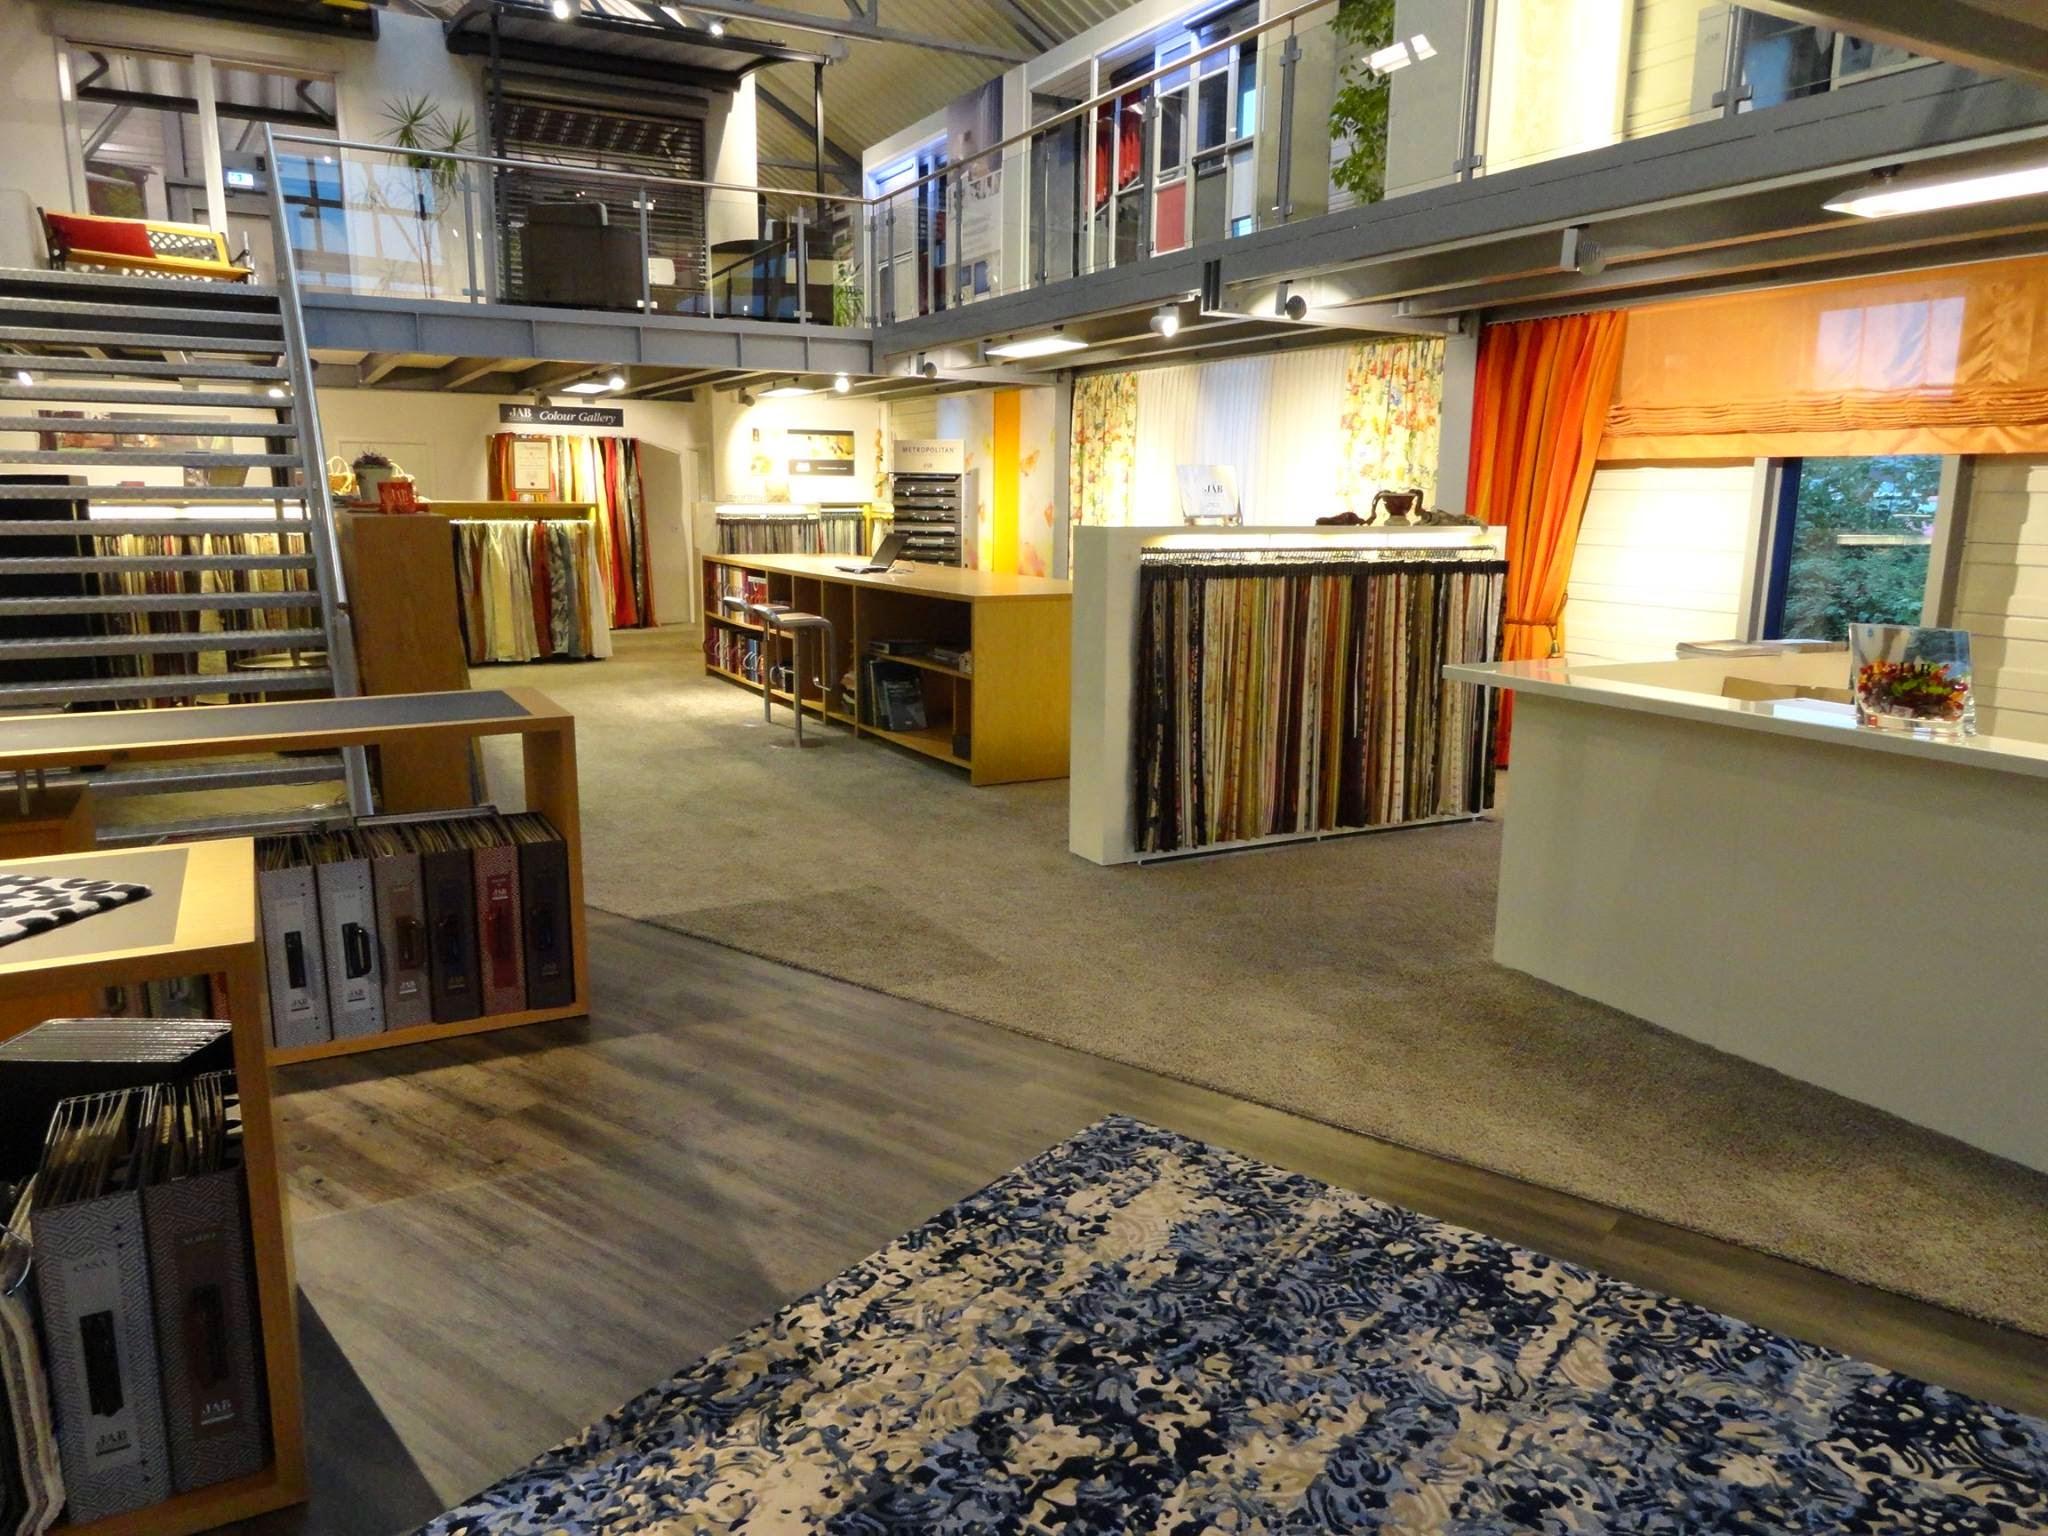 teppichhaus behrens gmbh in bremerhaven branchenbuch deutschland. Black Bedroom Furniture Sets. Home Design Ideas